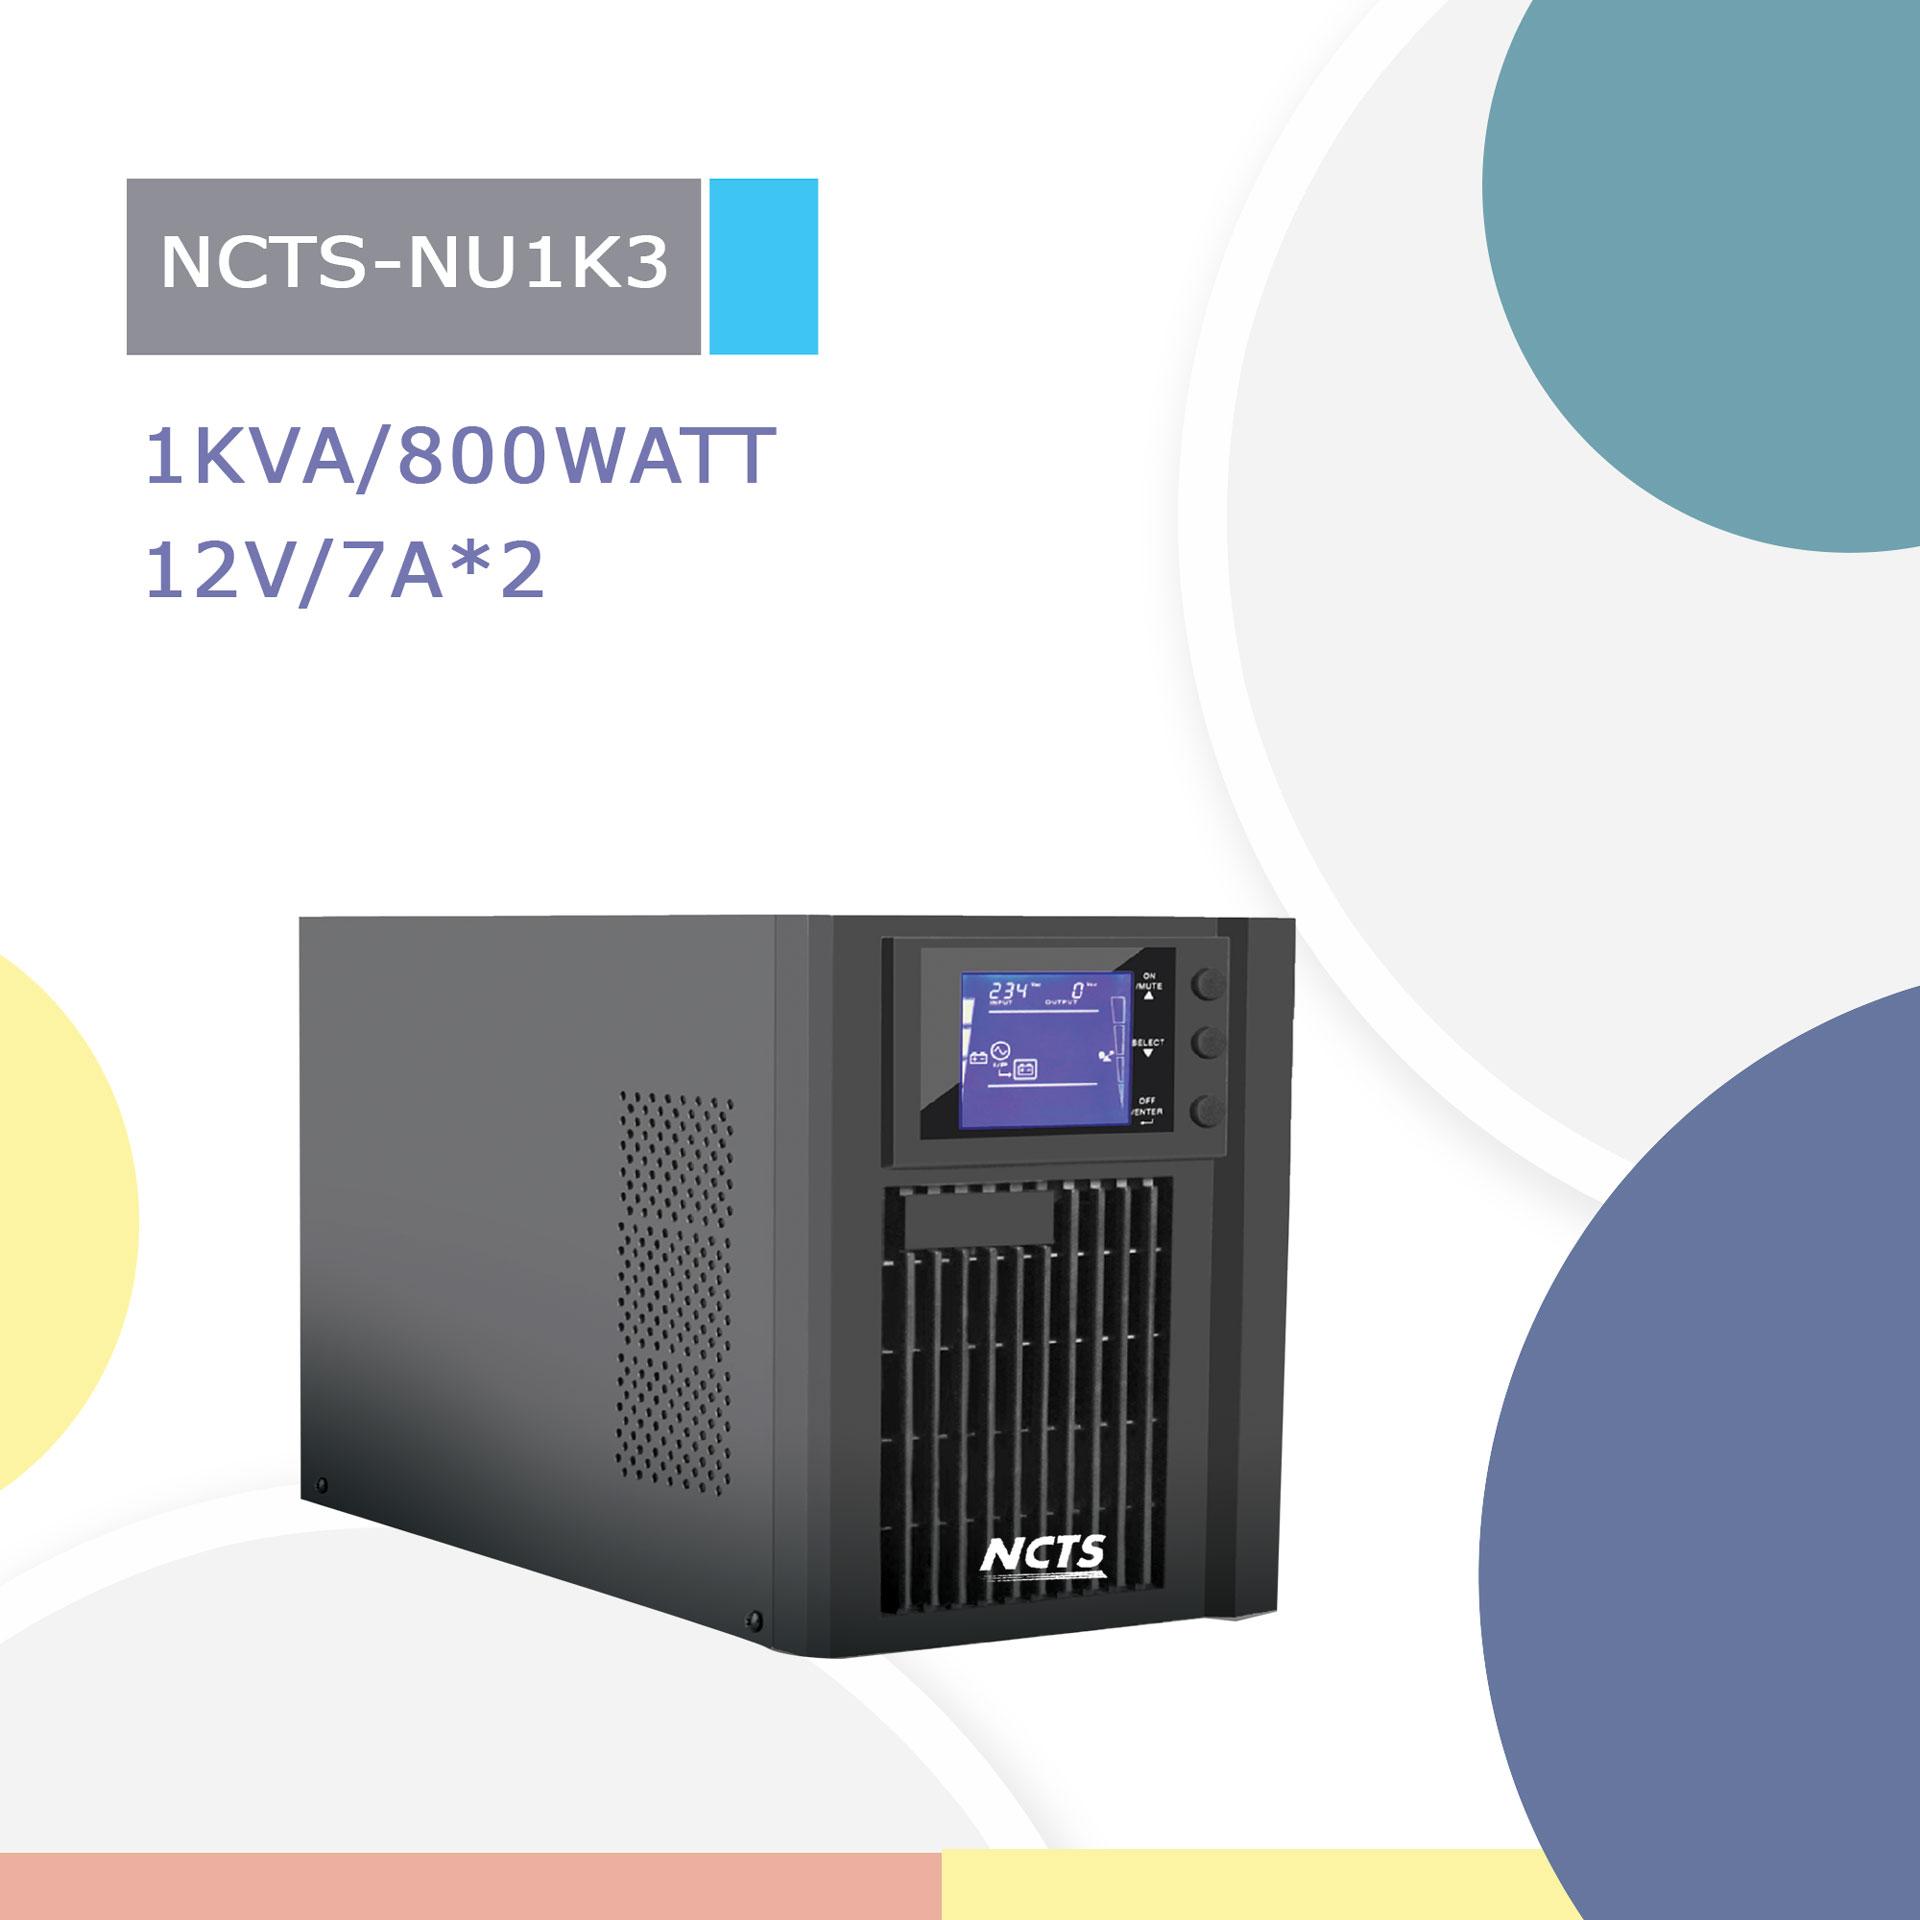 NCTS ONLINE UPS 1KVA MODEL:NCTS-NU1K2